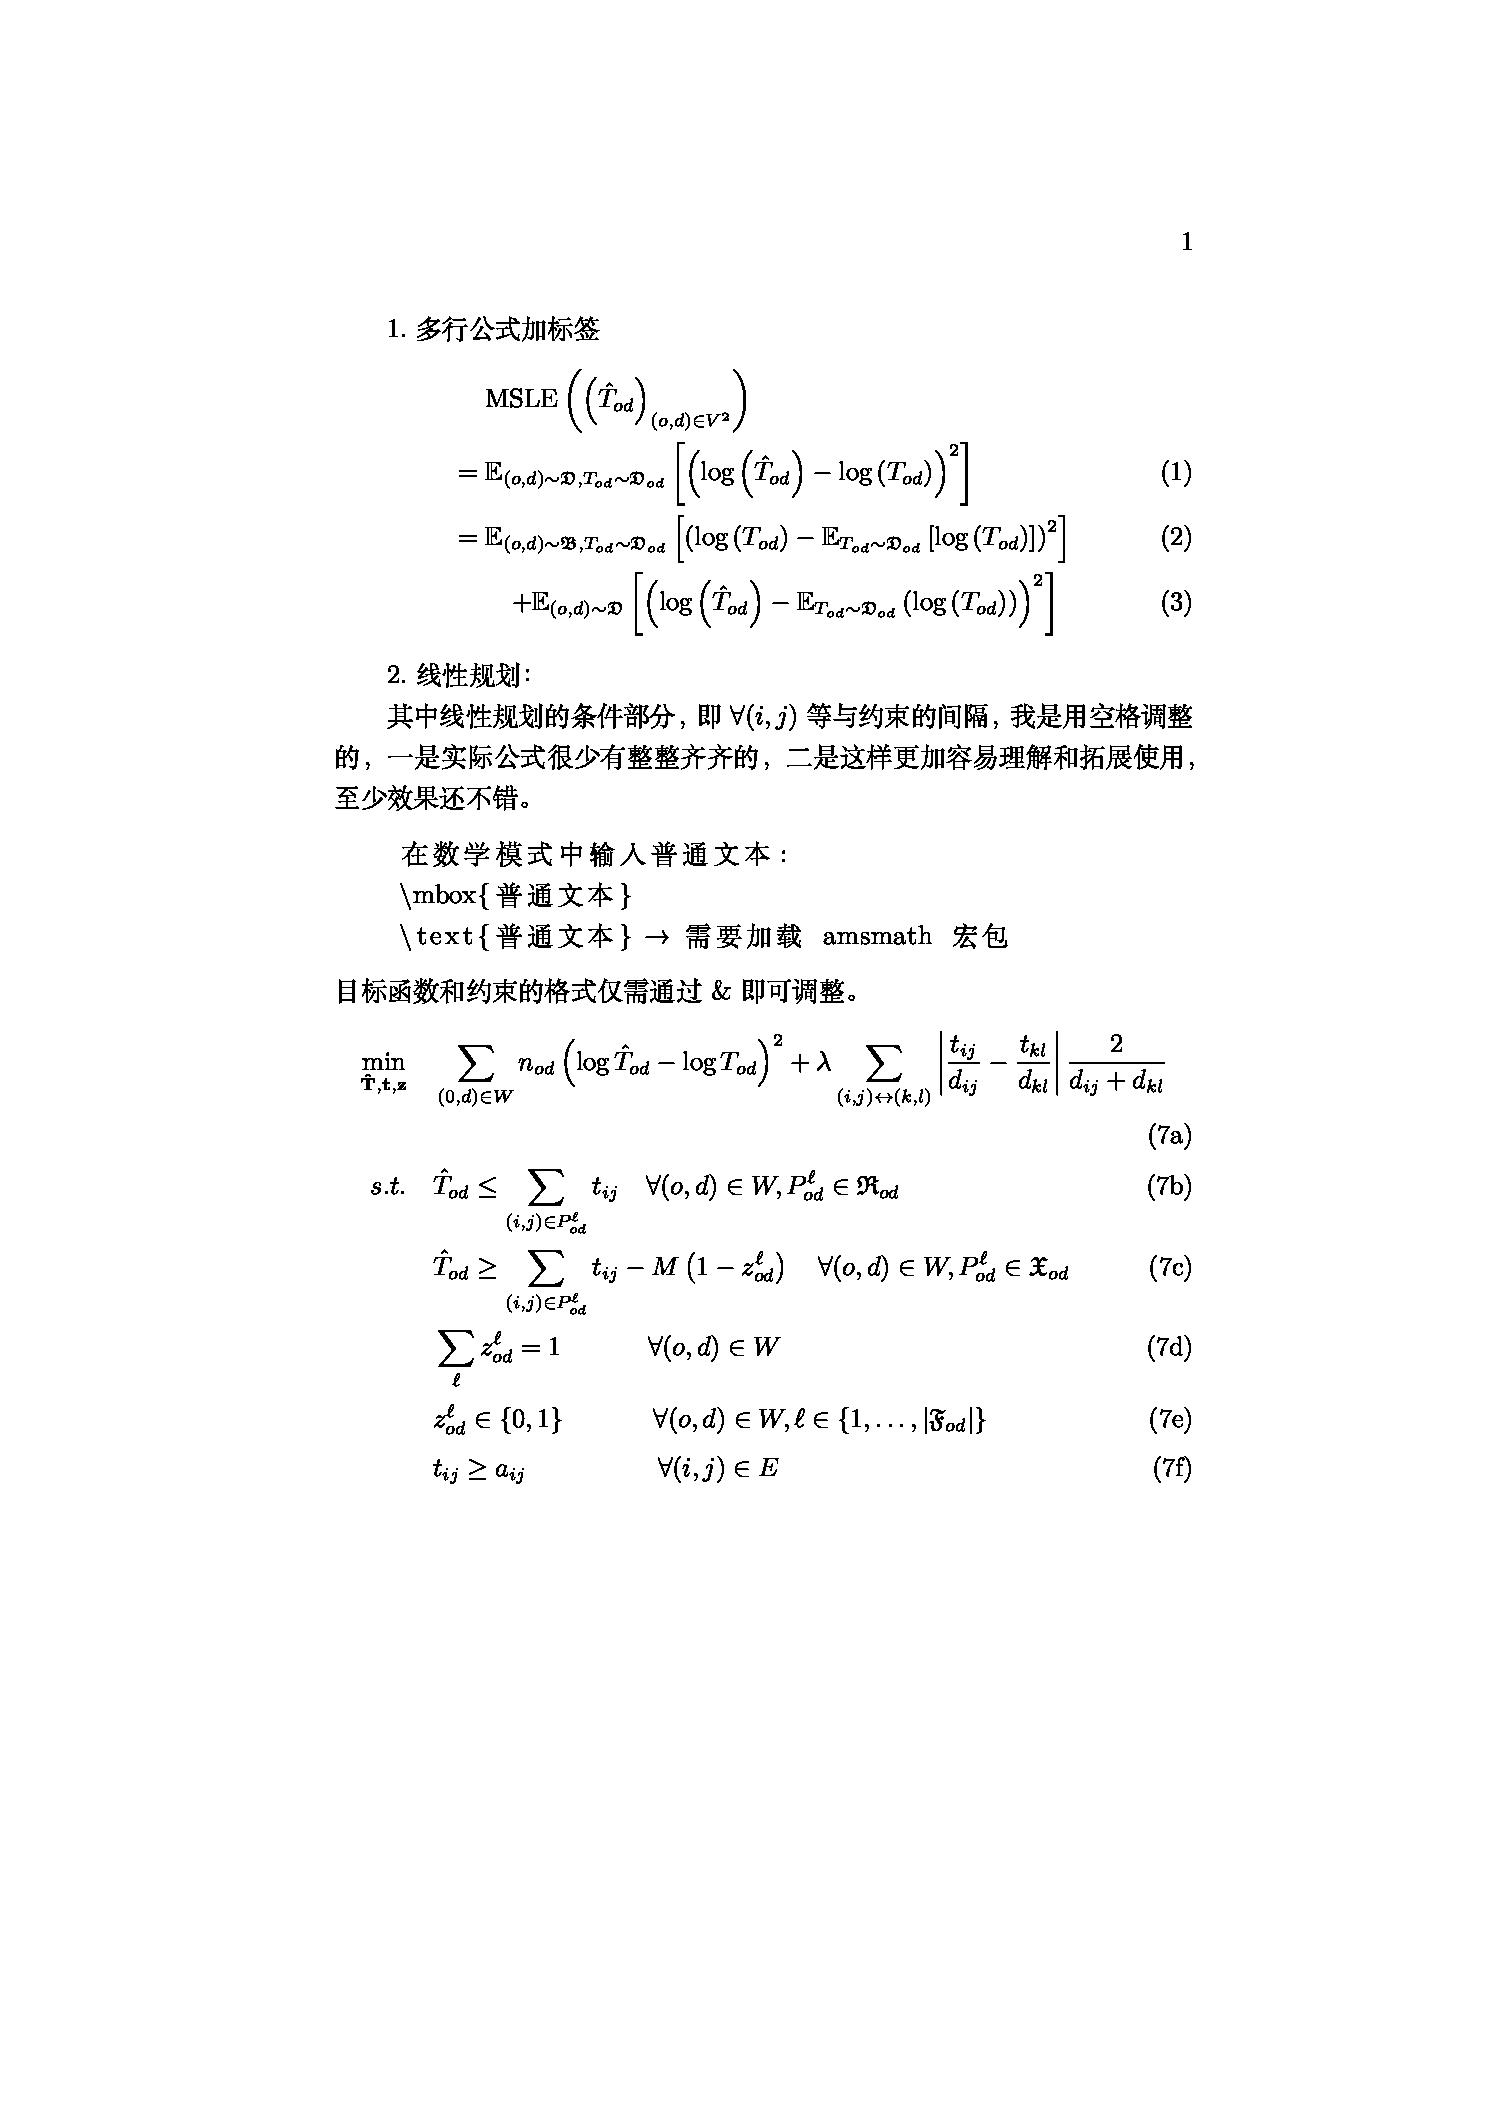 数学公式 - 多标签公式和线性规划示例